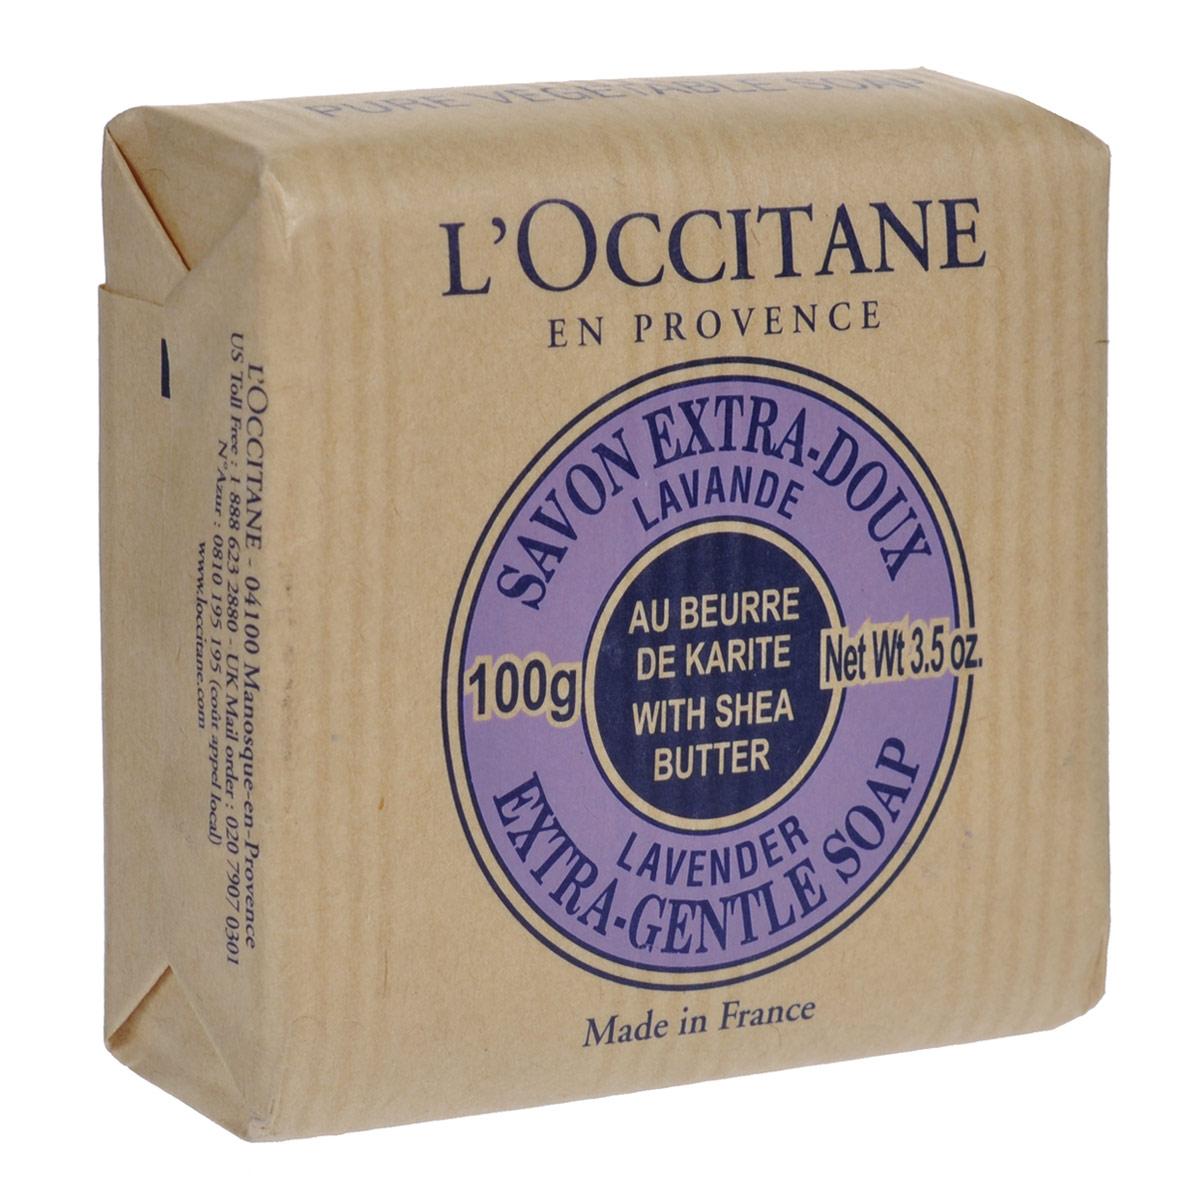 Loccitane Мыло Лаванда, 100 г106Туалетное мыло LOccitane Лаванда великолепно подходит для ежедневного использования. Содержит 100%-ую натуральную основу, обогащен маслом Карите.Подходит для всей семьи. Характеристики:Вес: 100 г. Производитель: Франция. Артикул:244777. Loccitane (Л окситан) - натуральная косметика с юга Франции, основатель которой Оливье Боссан. Название Loccitane происходит от названия старинной провинции - Окситании. Это также подчеркивает идею кампании - сочетании традиций и компонентов из Средиземноморья в средствах по уходу за кожей и для дома. LOccitane использует для производства косметических средств натуральные продукты: лаванду, оливки, тростниковый сахар, мед, миндаль, экстракты винограда и белого чая, эфирные масла розы, апельсина, морская соль также идет в дело. Специалисты компании с особой тщательностью отбирают сырье. Учитывается множество факторов, от места и условий выращивания сырья до времени и технологии сборки. Товар сертифицирован.